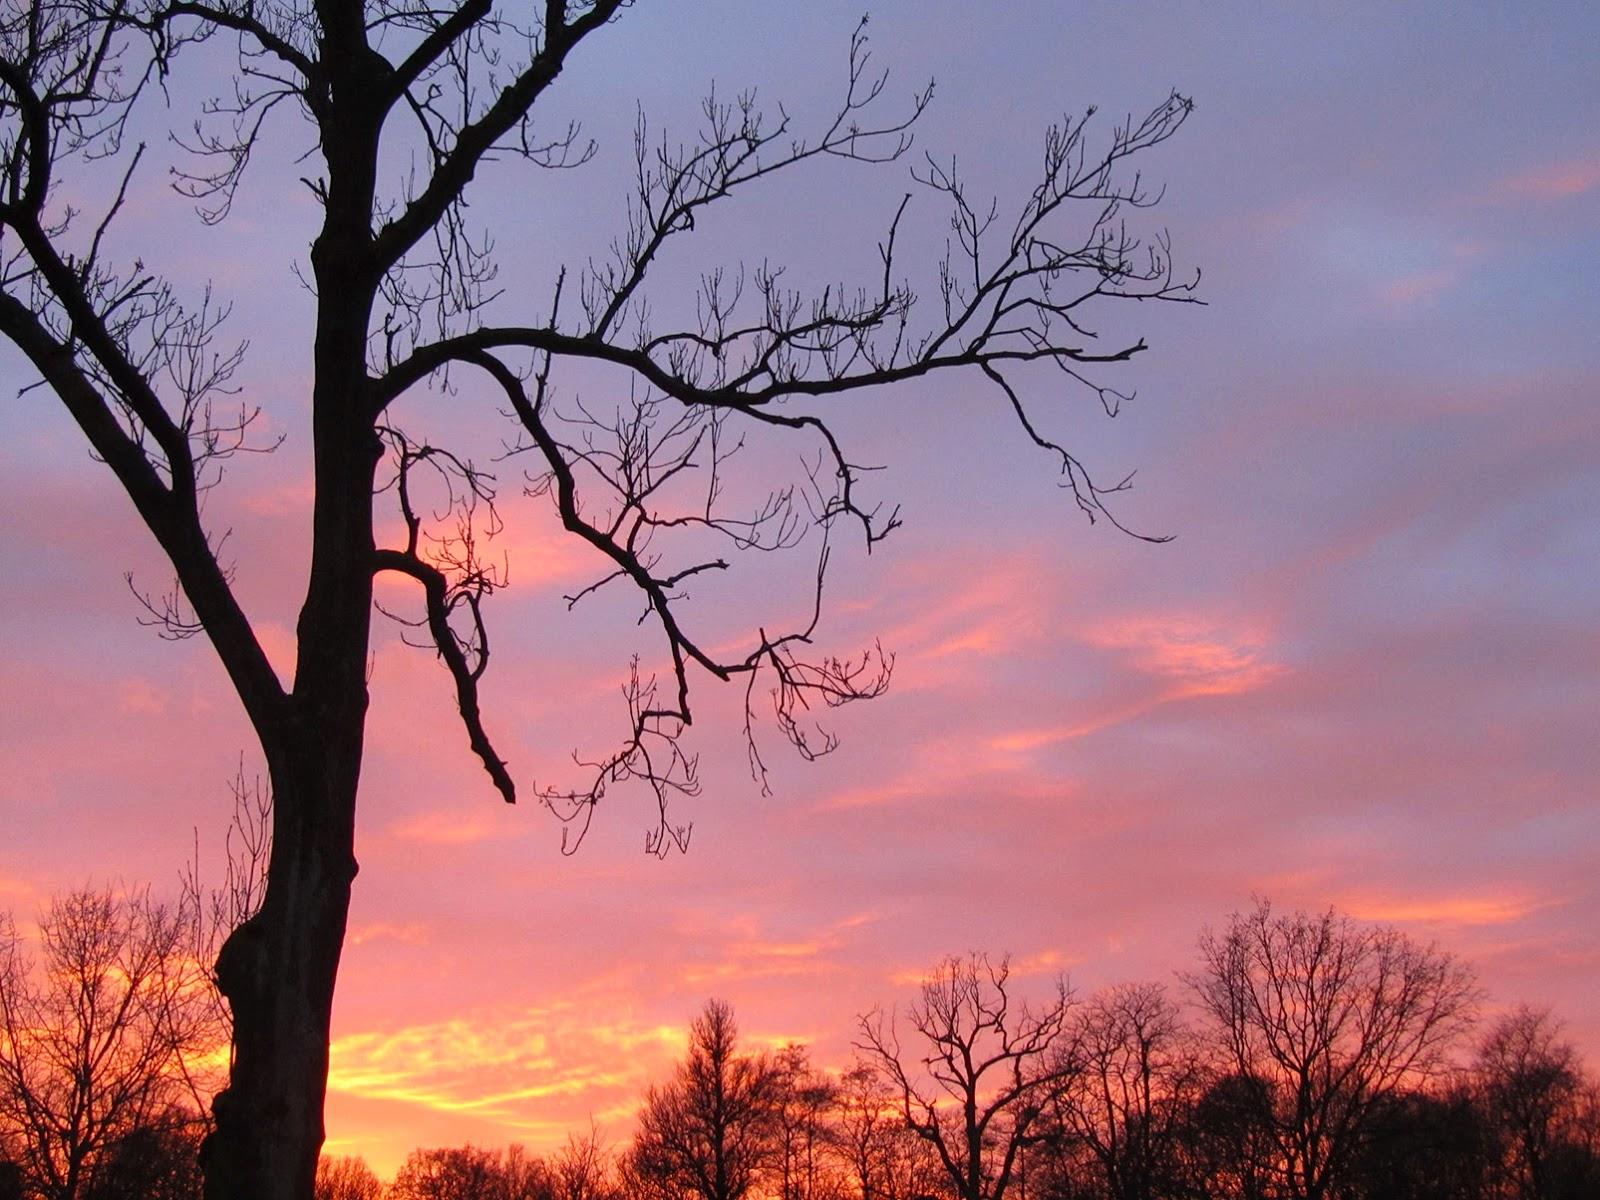 sunset in the Vondelpark, Amsterdam